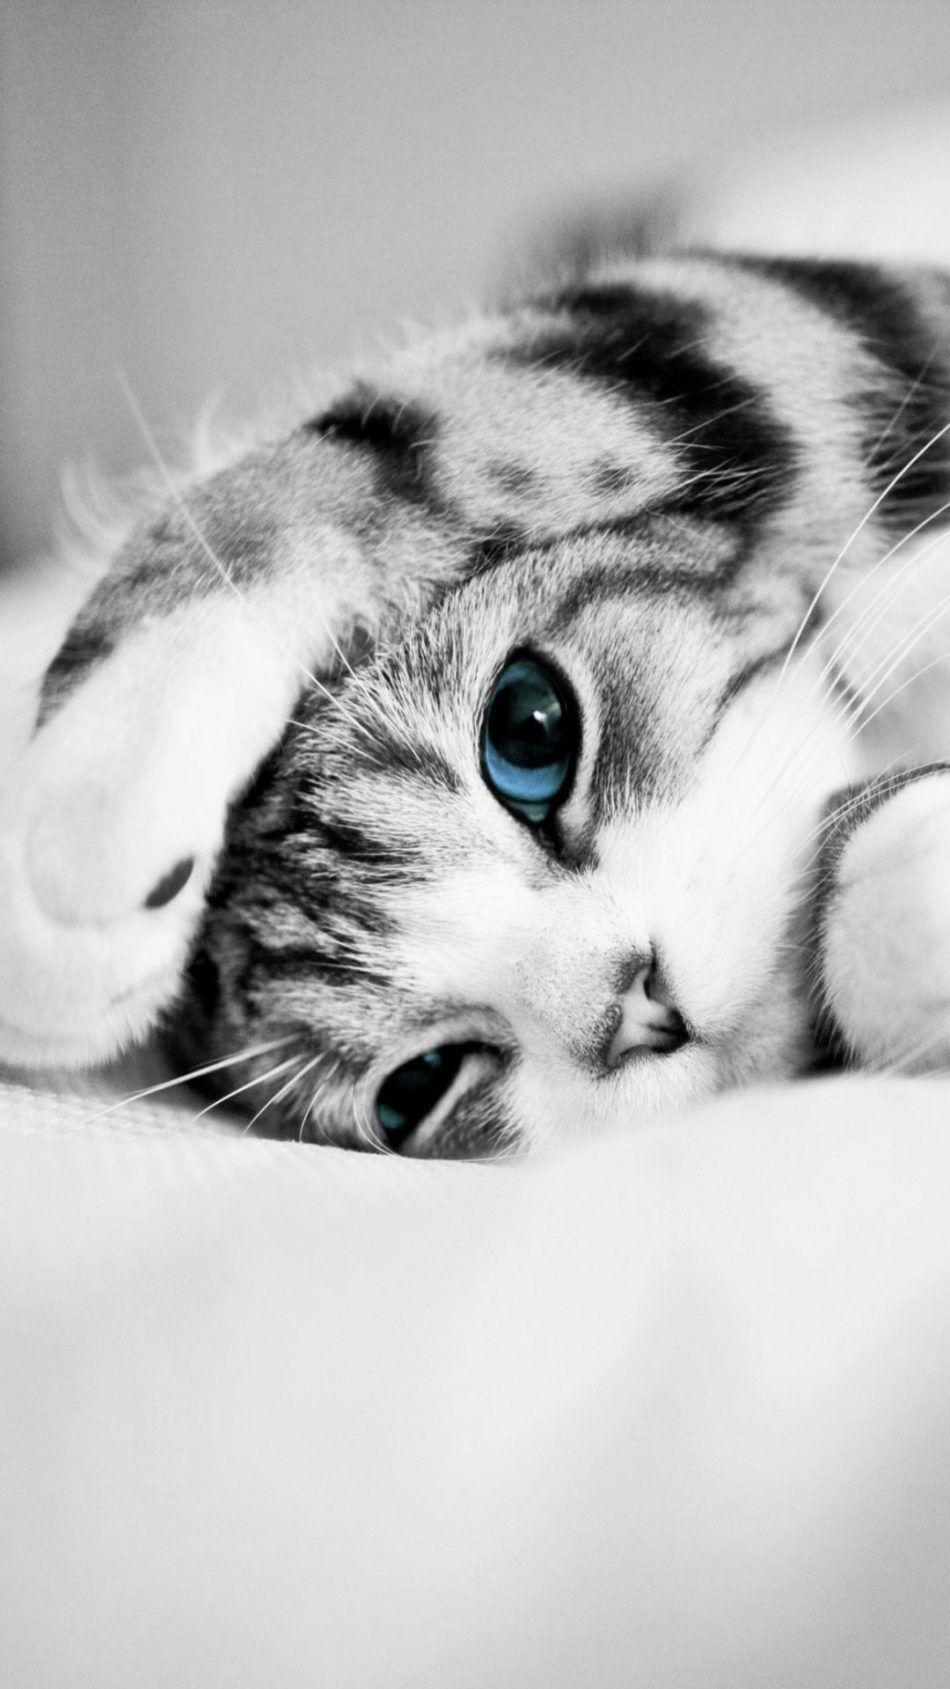 Adorable Cute Blue Eyed Kitten Zwierzęta, Kocięta i Kociaki